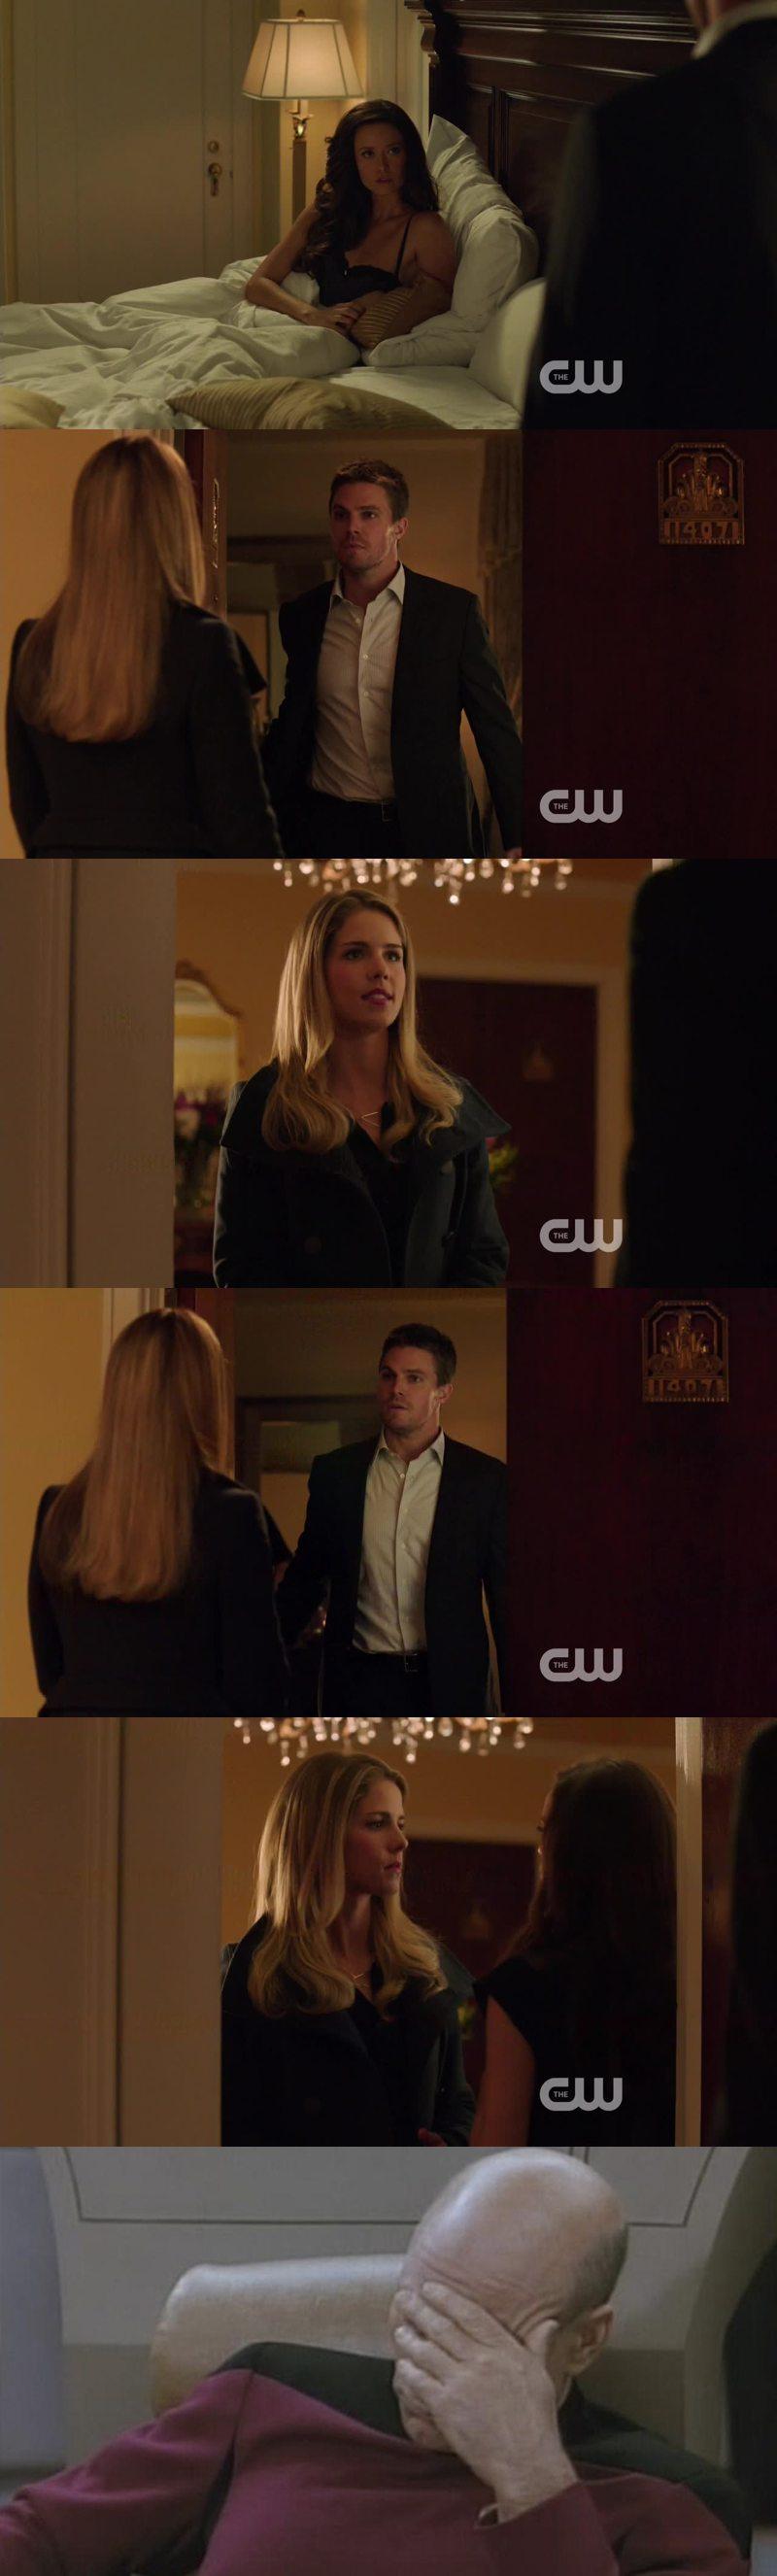 Poor Felicity